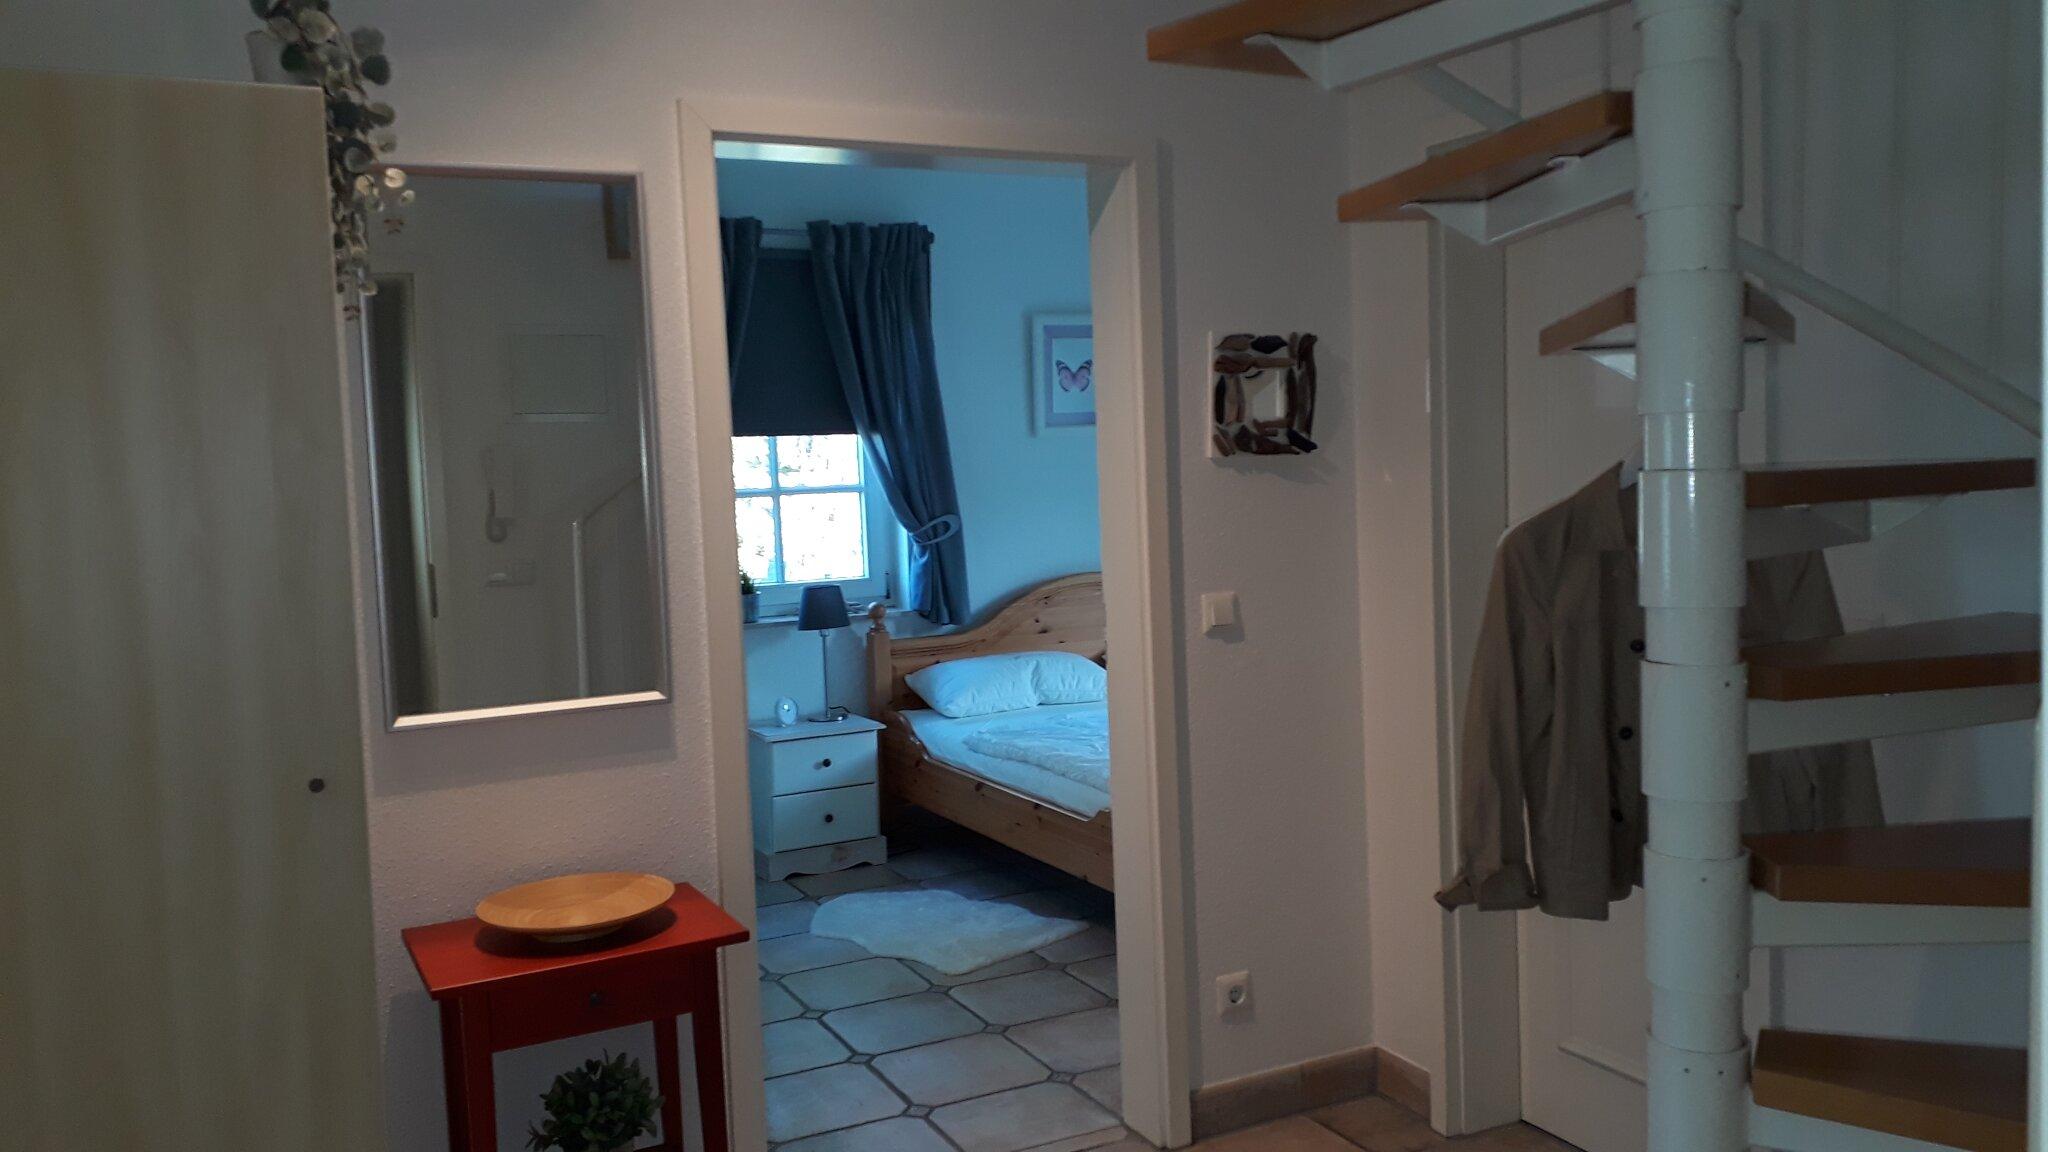 Ins Wohn/Schlafzimmer auf ca. 30 qm